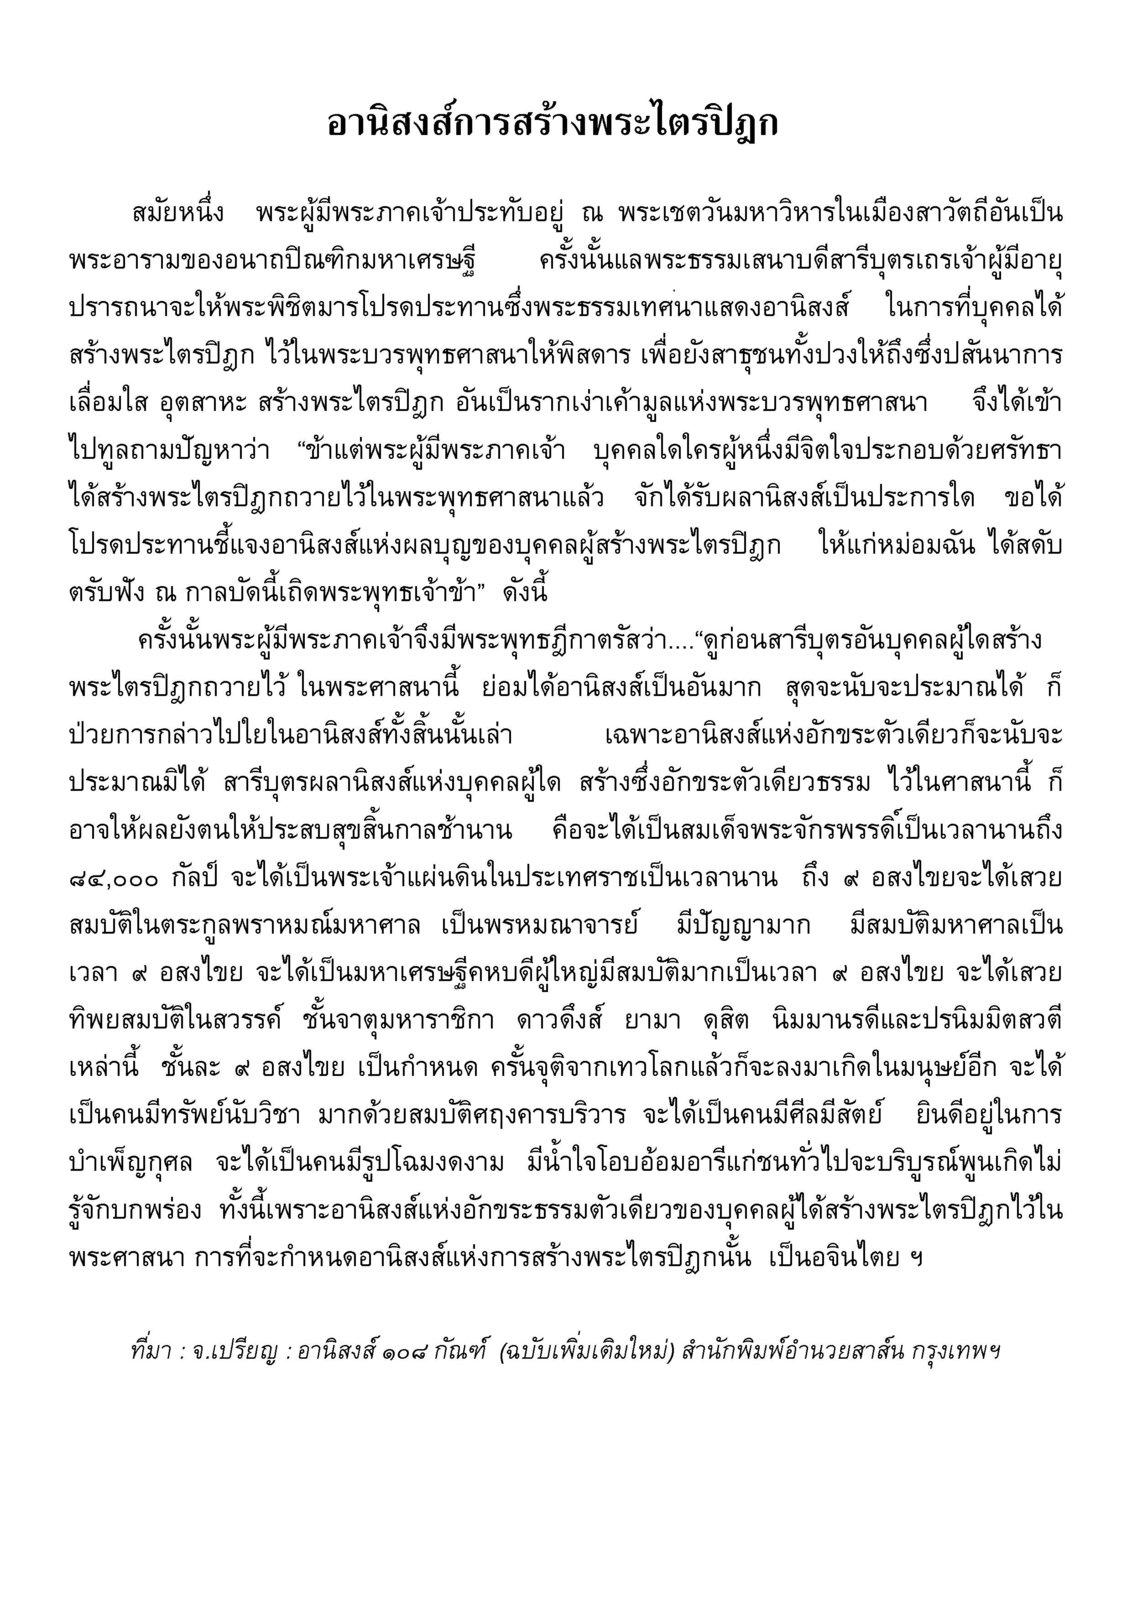 tripitaka01 (2).jpg